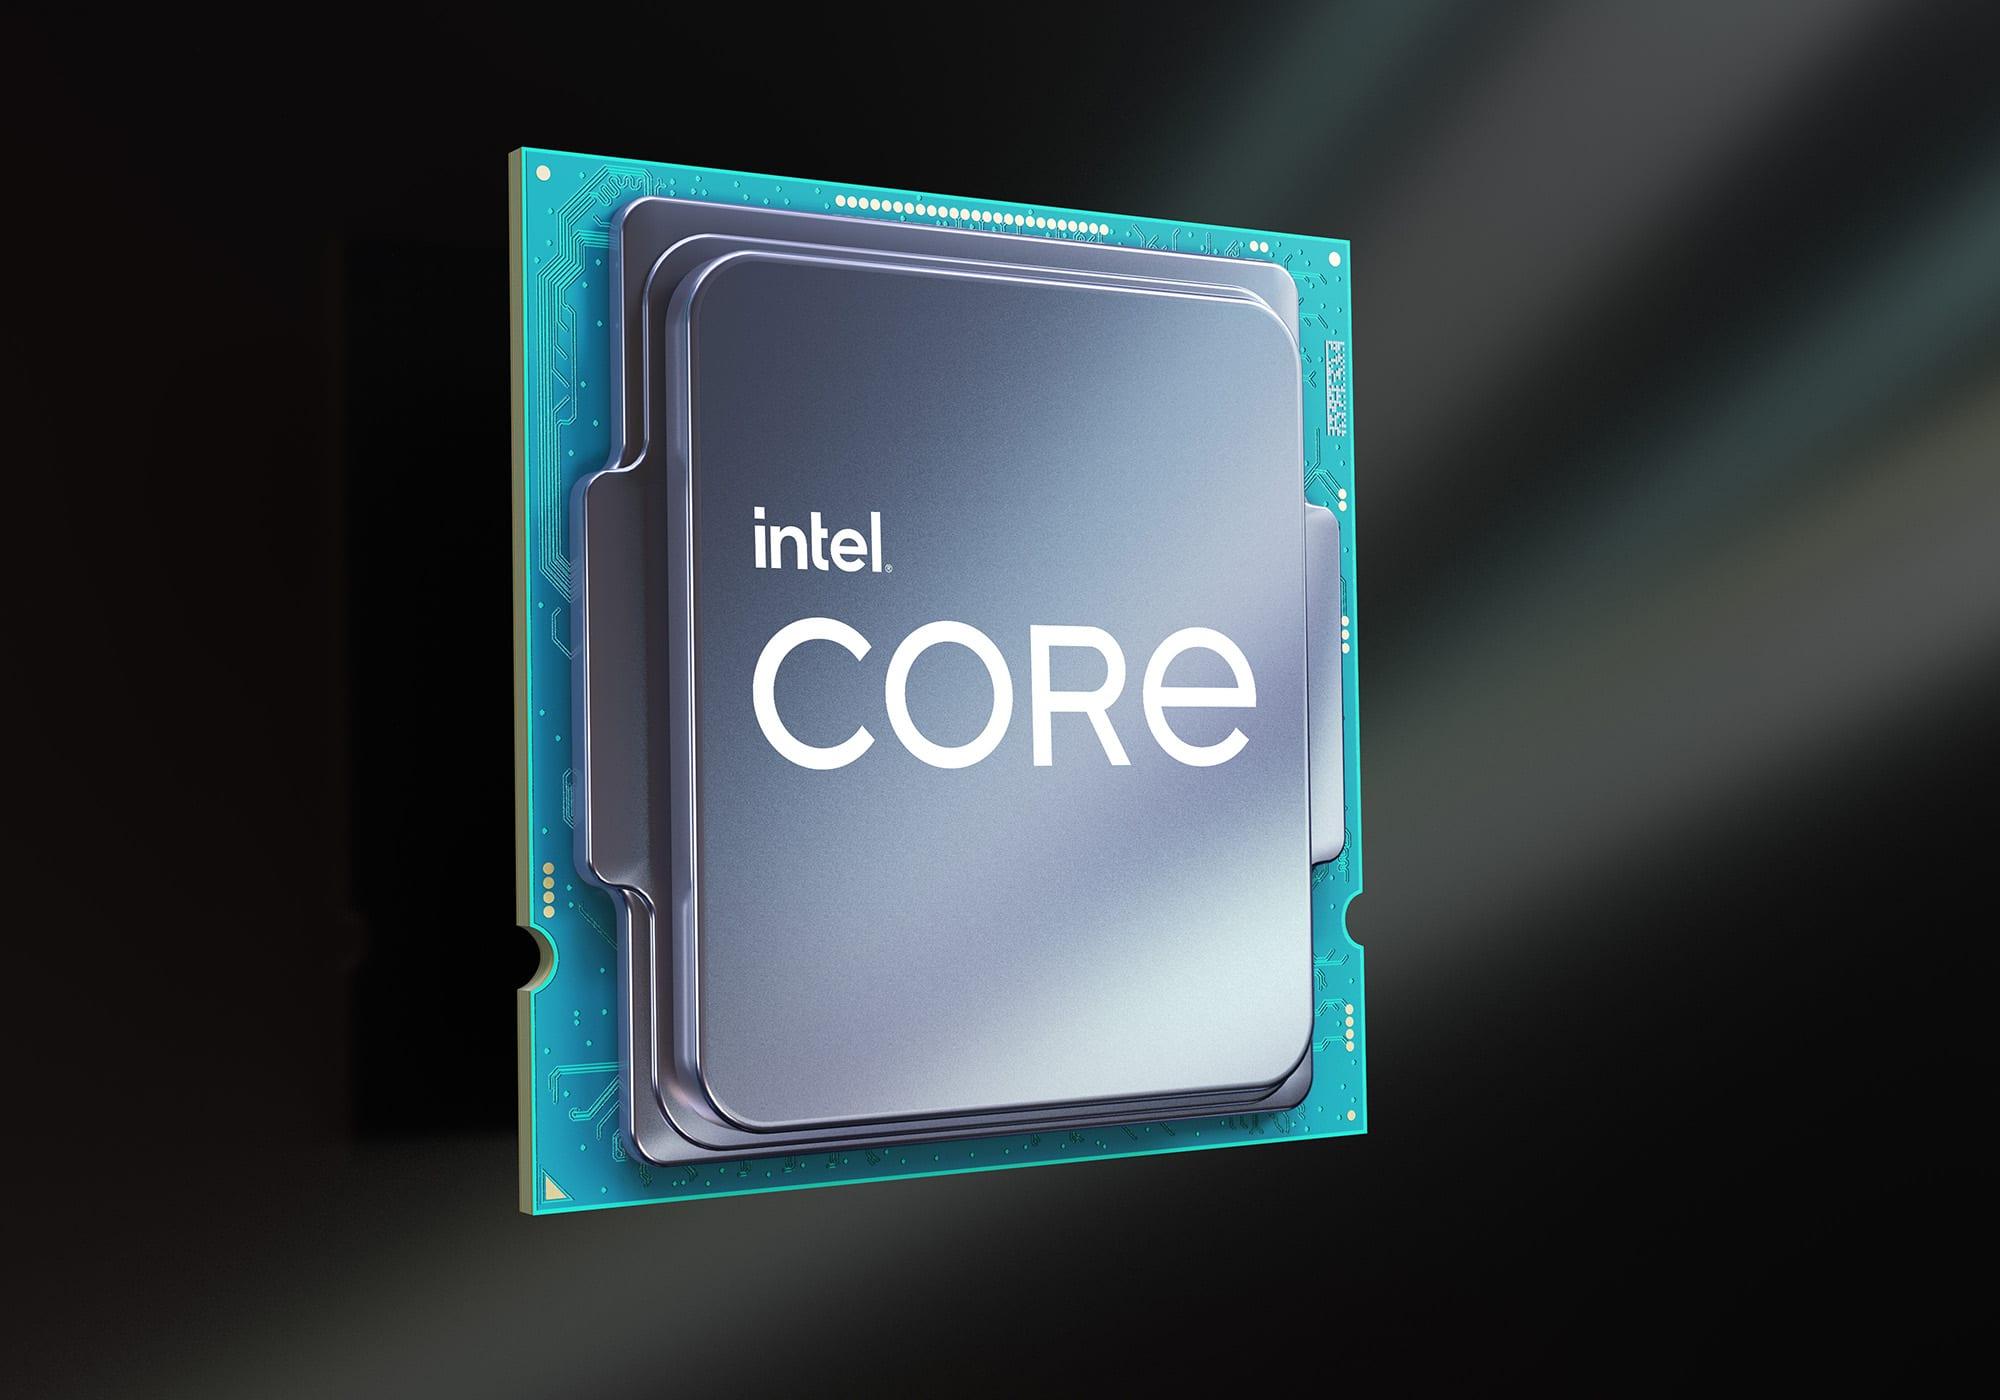 Intel Core i5-11400 sur Geekbench, 34% plus rapide que 10400